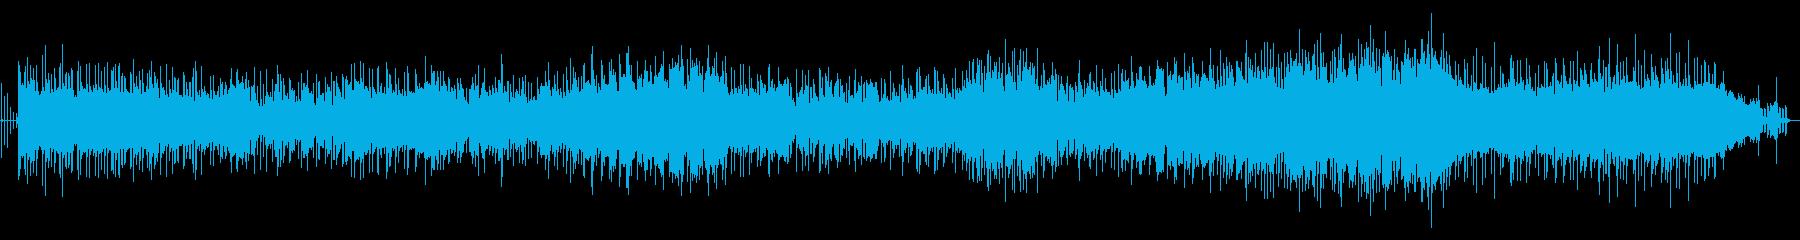 安定感ある骨太なミドルロックバラッドの再生済みの波形